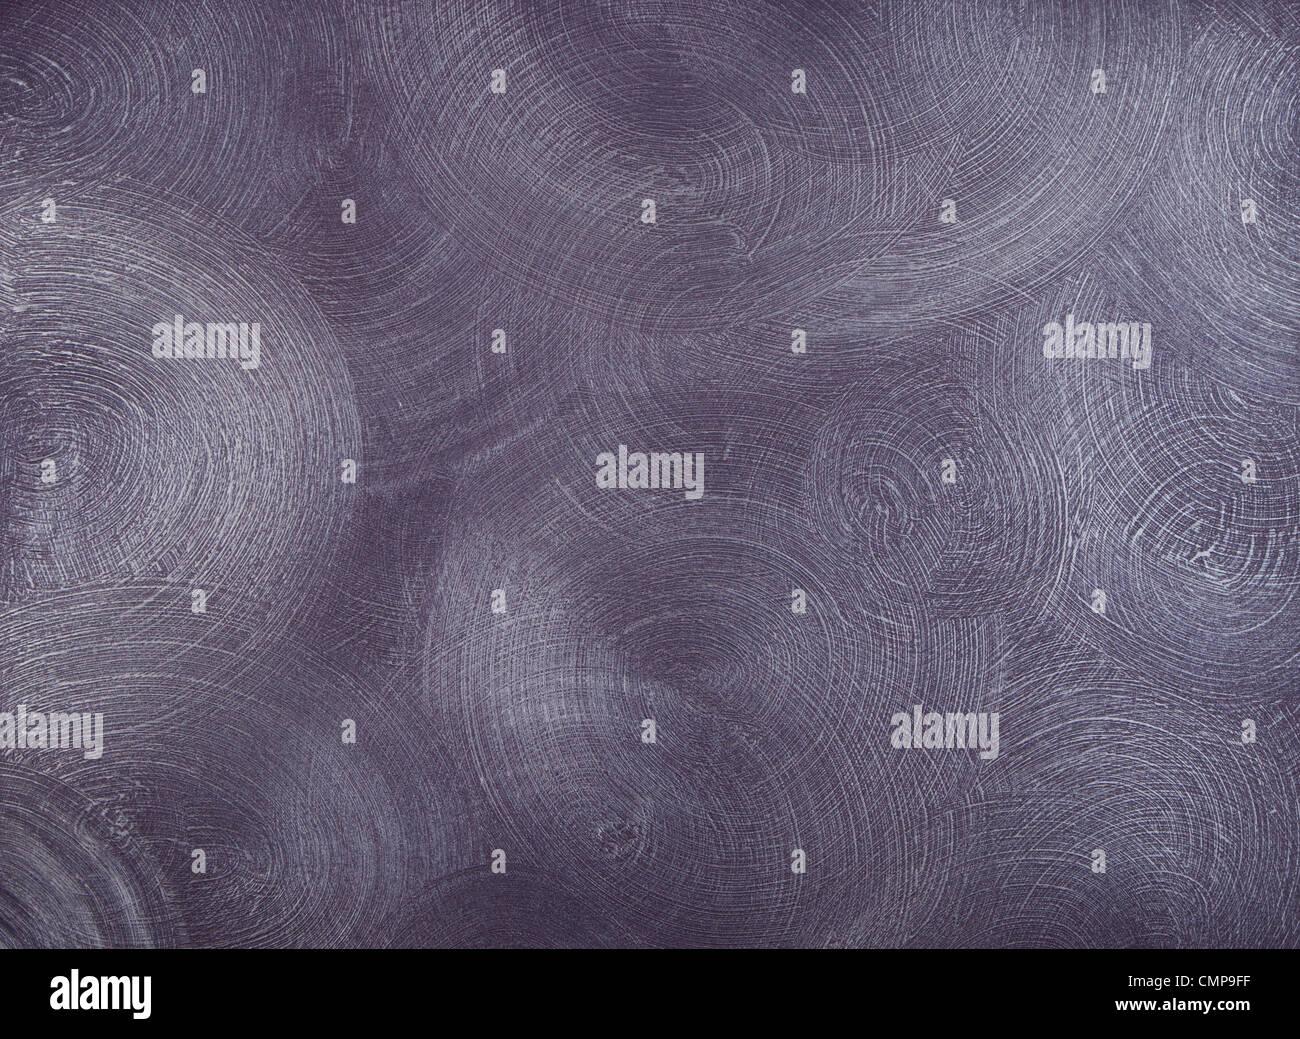 La texture des murs recouverts de peinture mauve, avec de fréquentes, ronde, centric coups. Photo Stock